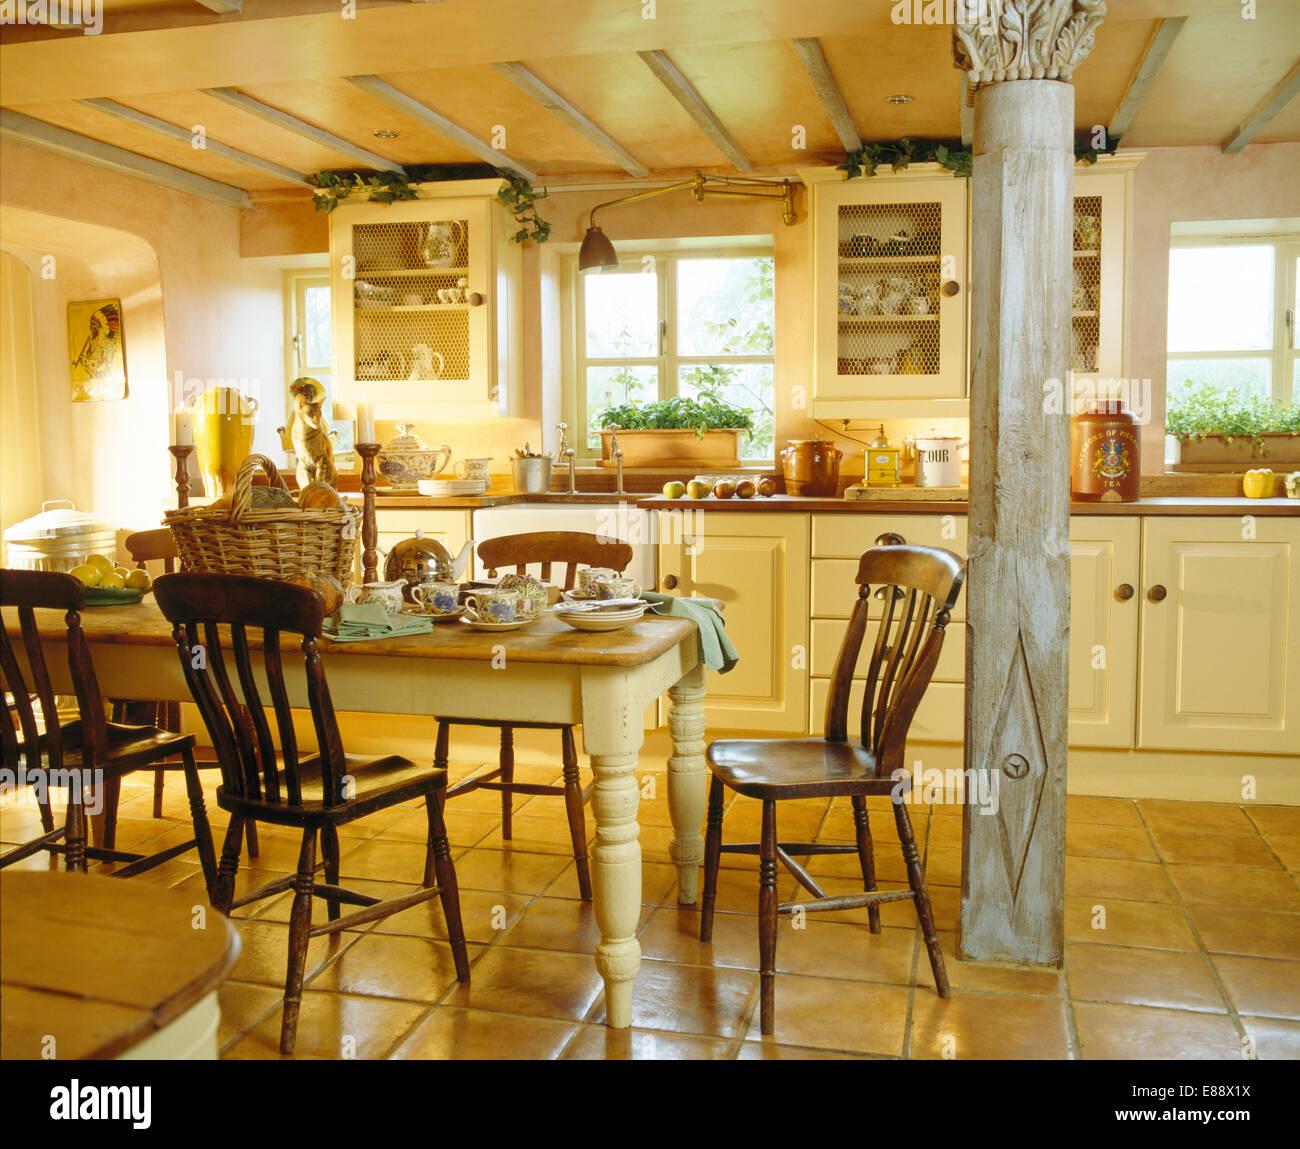 Alte hölzerne Stühle an gemalten Tisch im Cottage-Küche mit ...